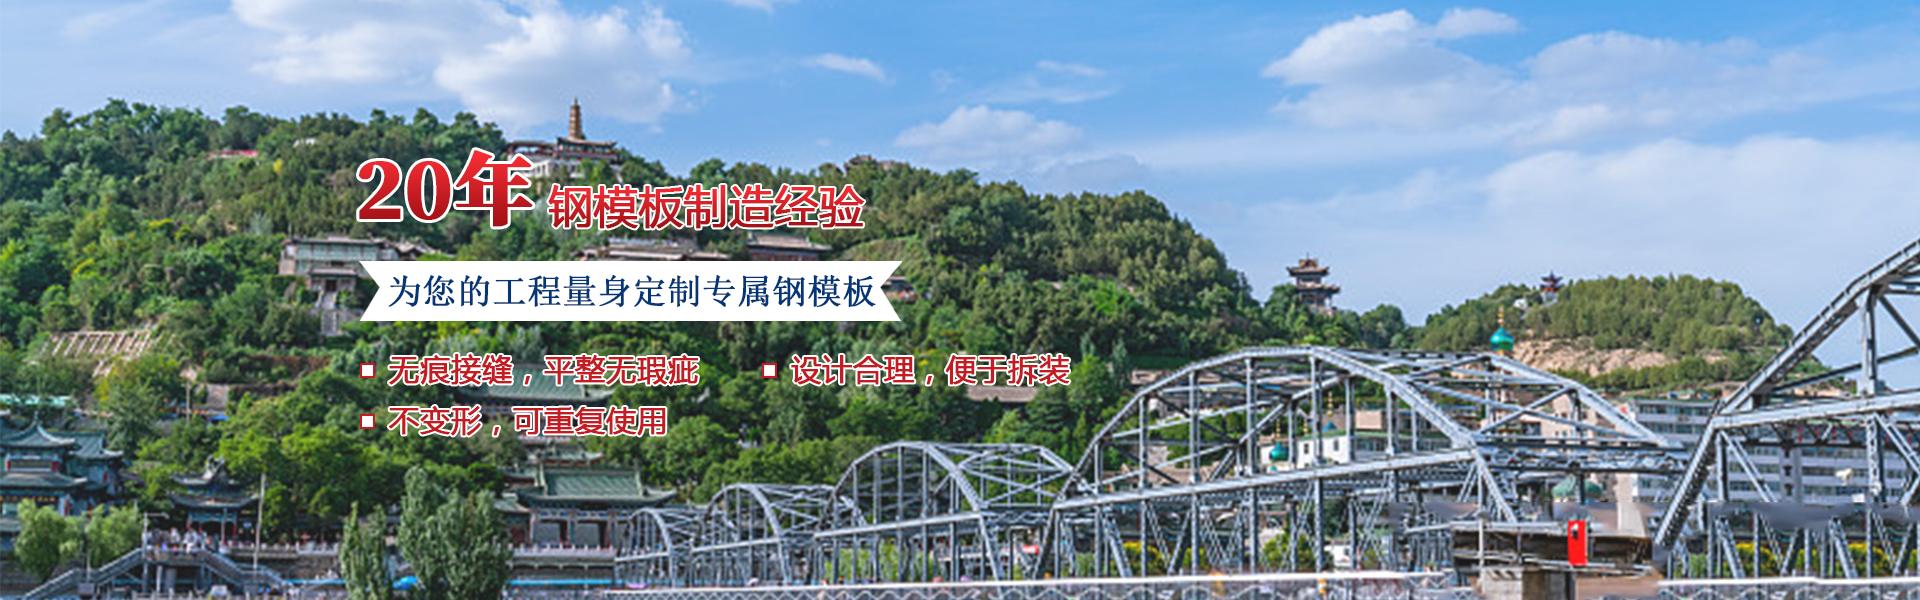 桥梁钢模板租赁